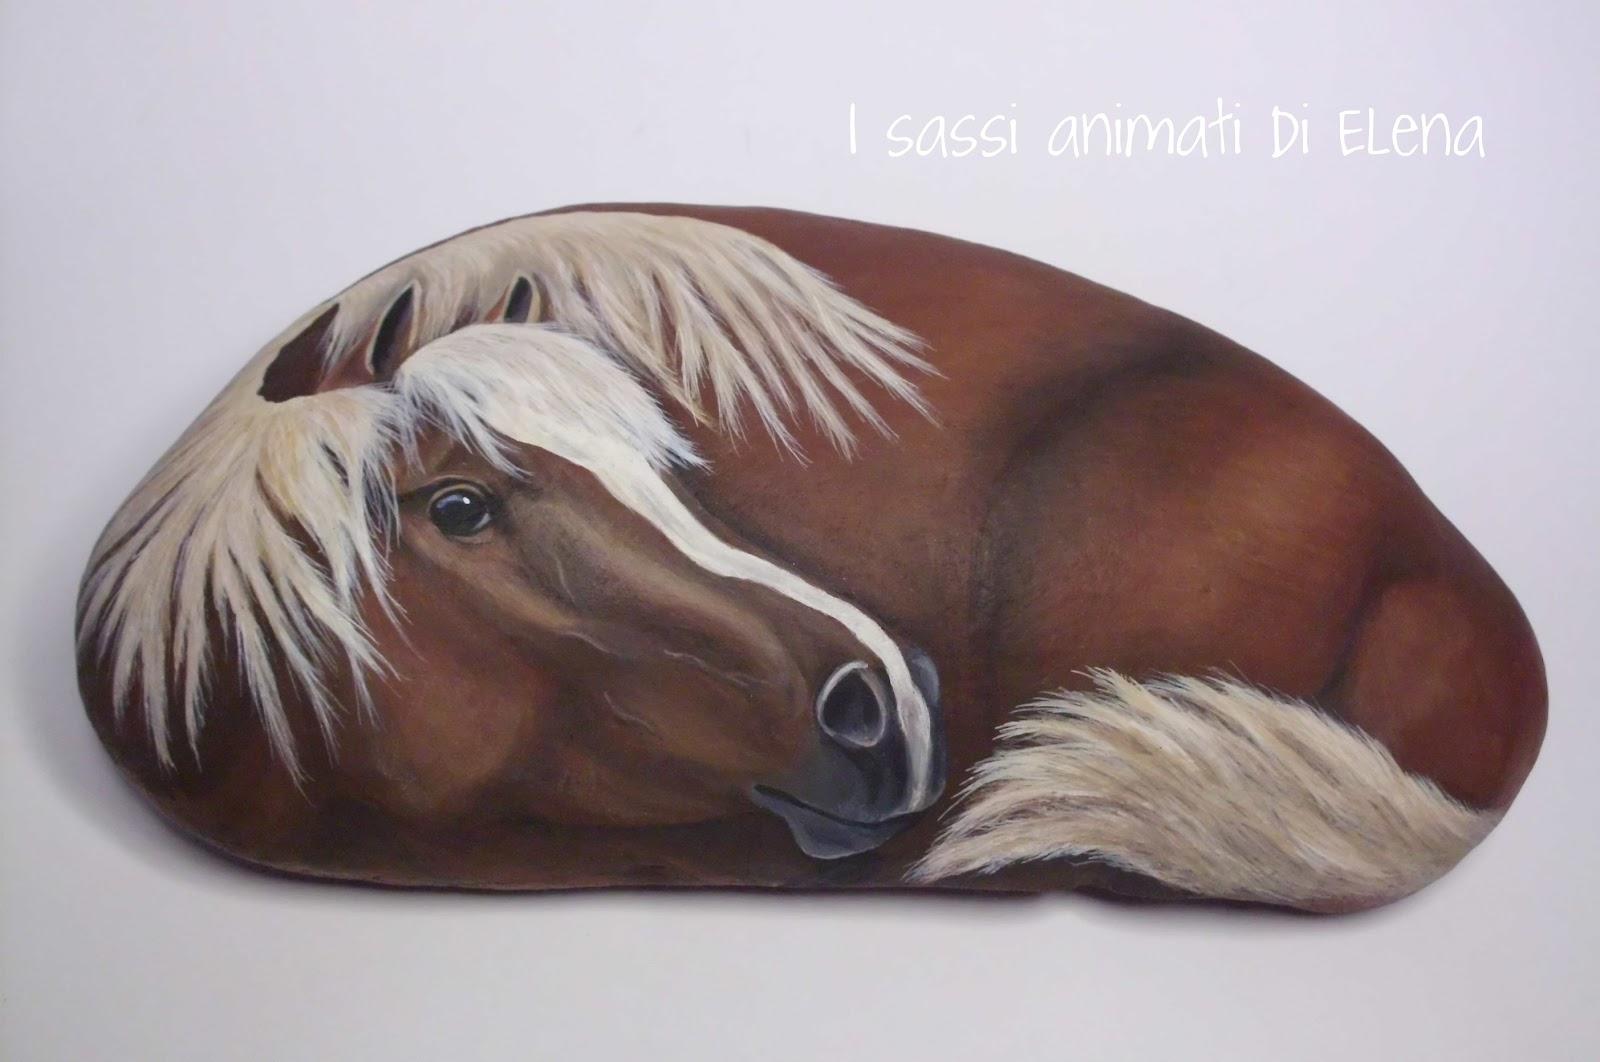 Elena sanson dipinti su sasso: 2 lug 2011